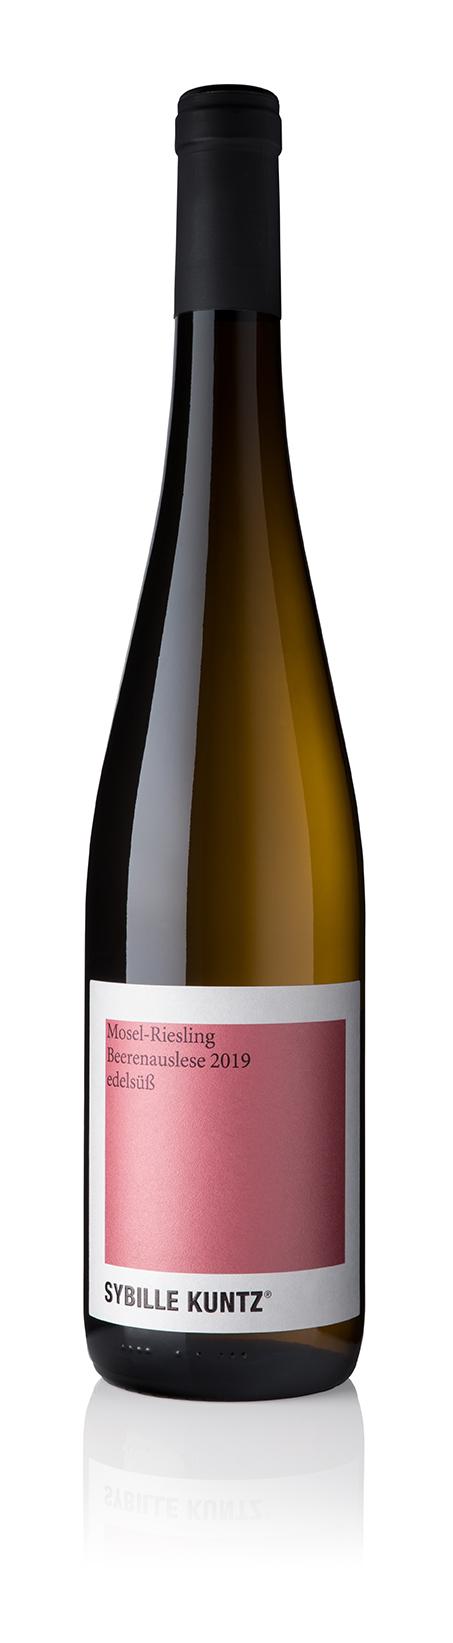 2019 SYBILLE KUNTZ Mosel-Riesling Beerenauslese edelsüß 0,75 l